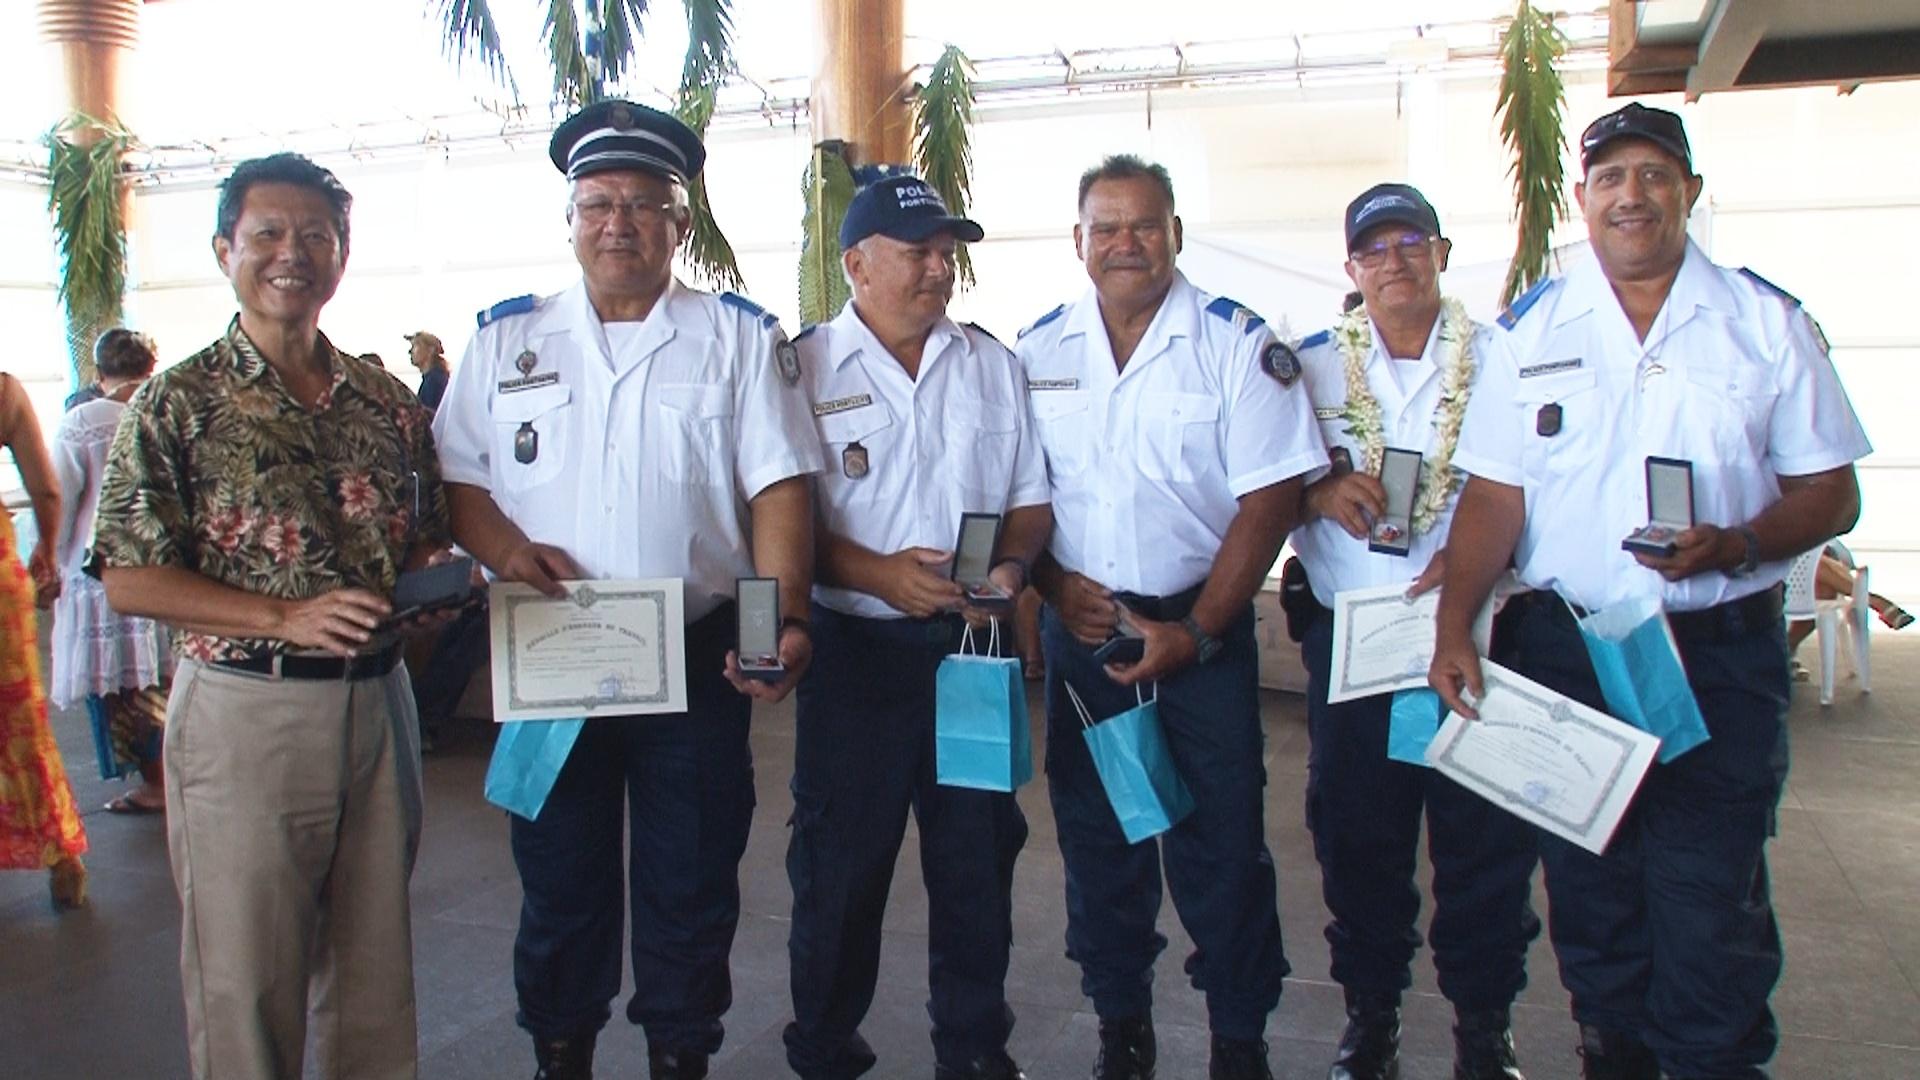 Les agents récompensés par la médaille 12